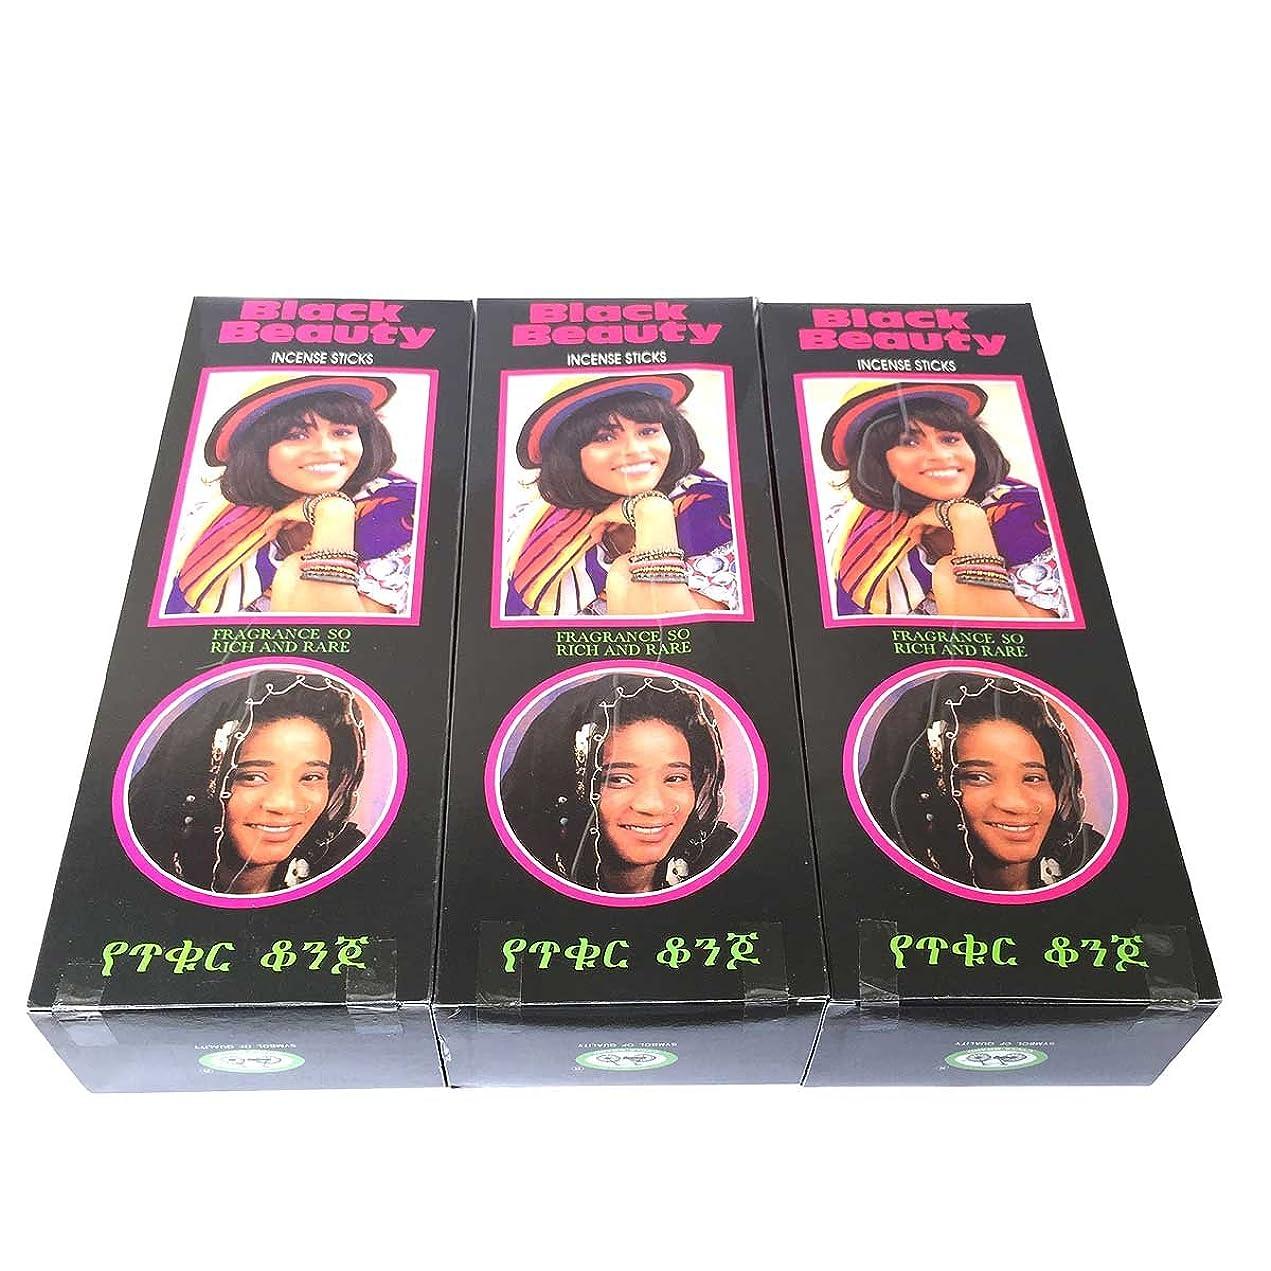 外部自発ねばねばブラックビューティー香スティック 3BOX(18箱) /CYCLE BLACK BEAUTY/インセンス/インド香 お香 [並行輸入品]